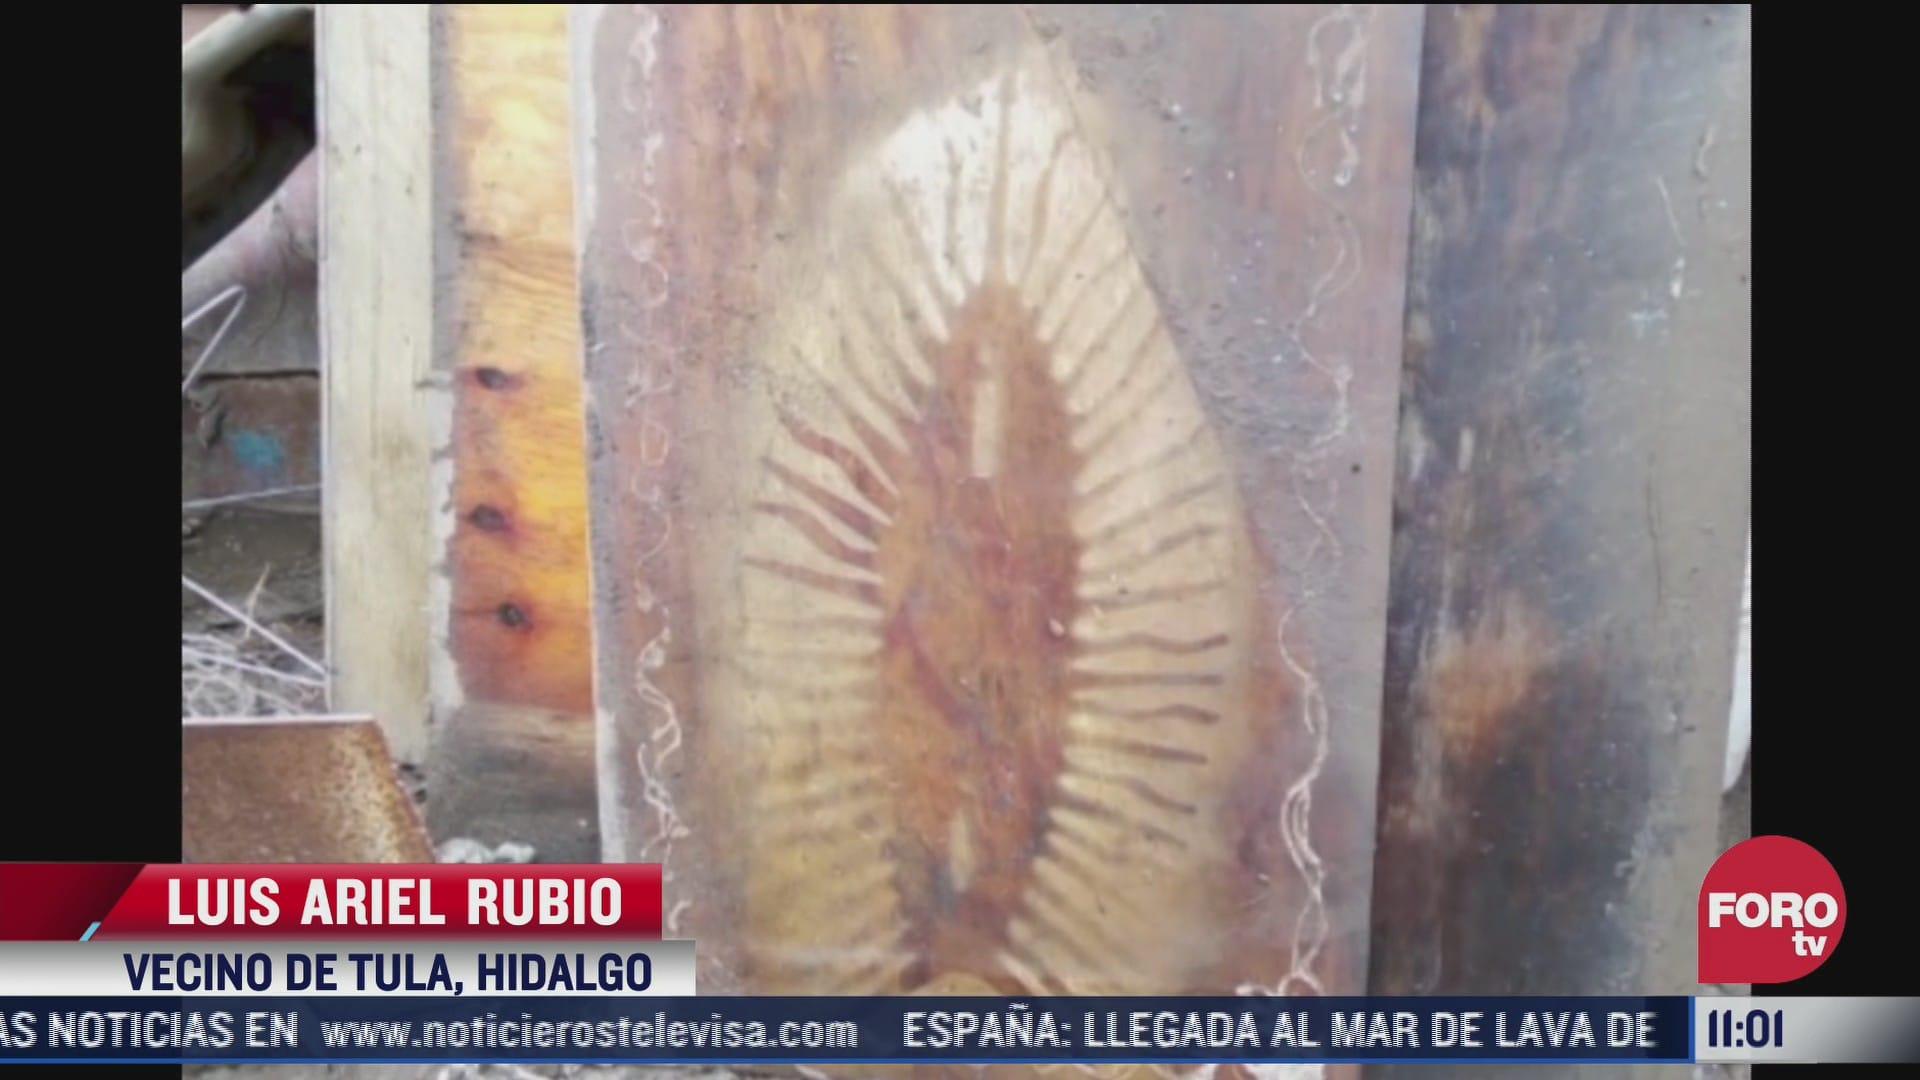 hallan imagen de la virgen de guadalupe en trozo de madera tras inundaciones en hidalgo